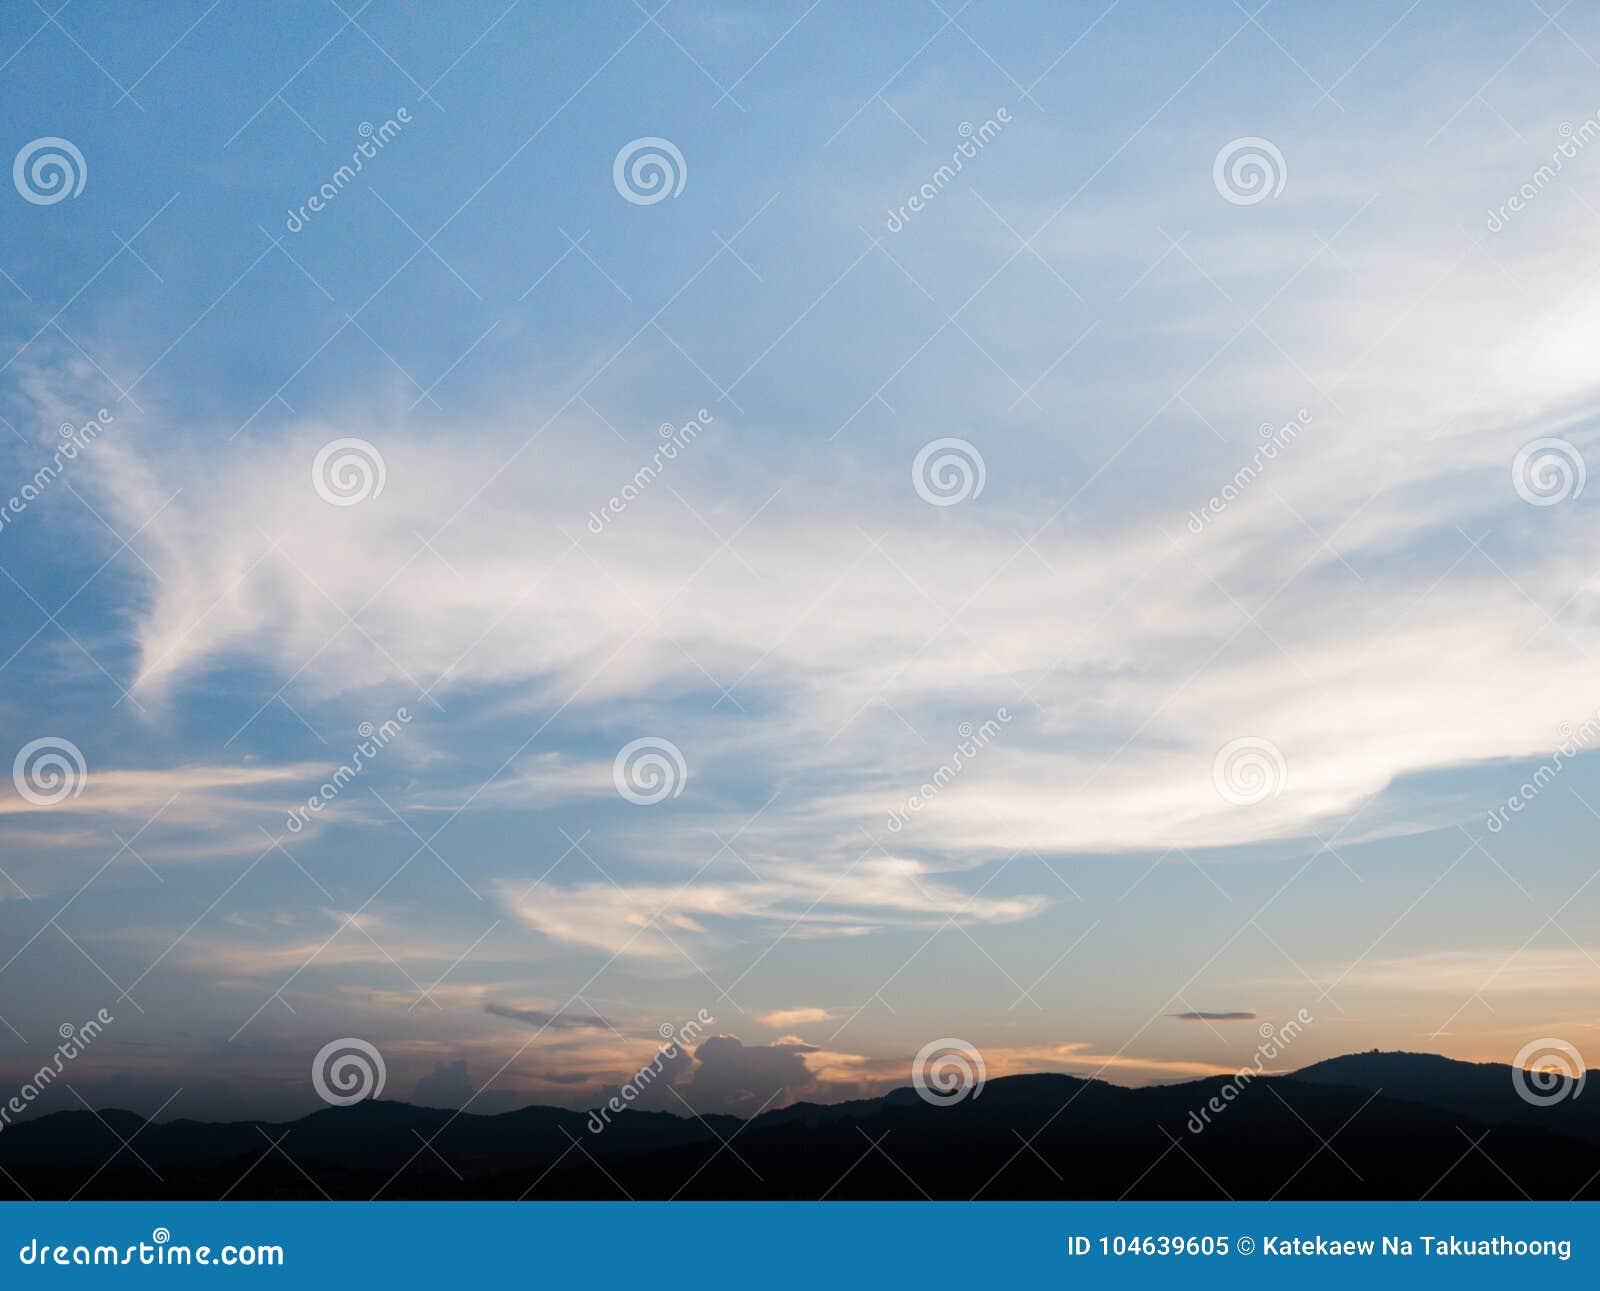 Download Mooie Blauwe Hemel Met Bewolkte Berg Als Achtergrond En Silhouet Stock Afbeelding - Afbeelding bestaande uit blauw, achtergrond: 104639605